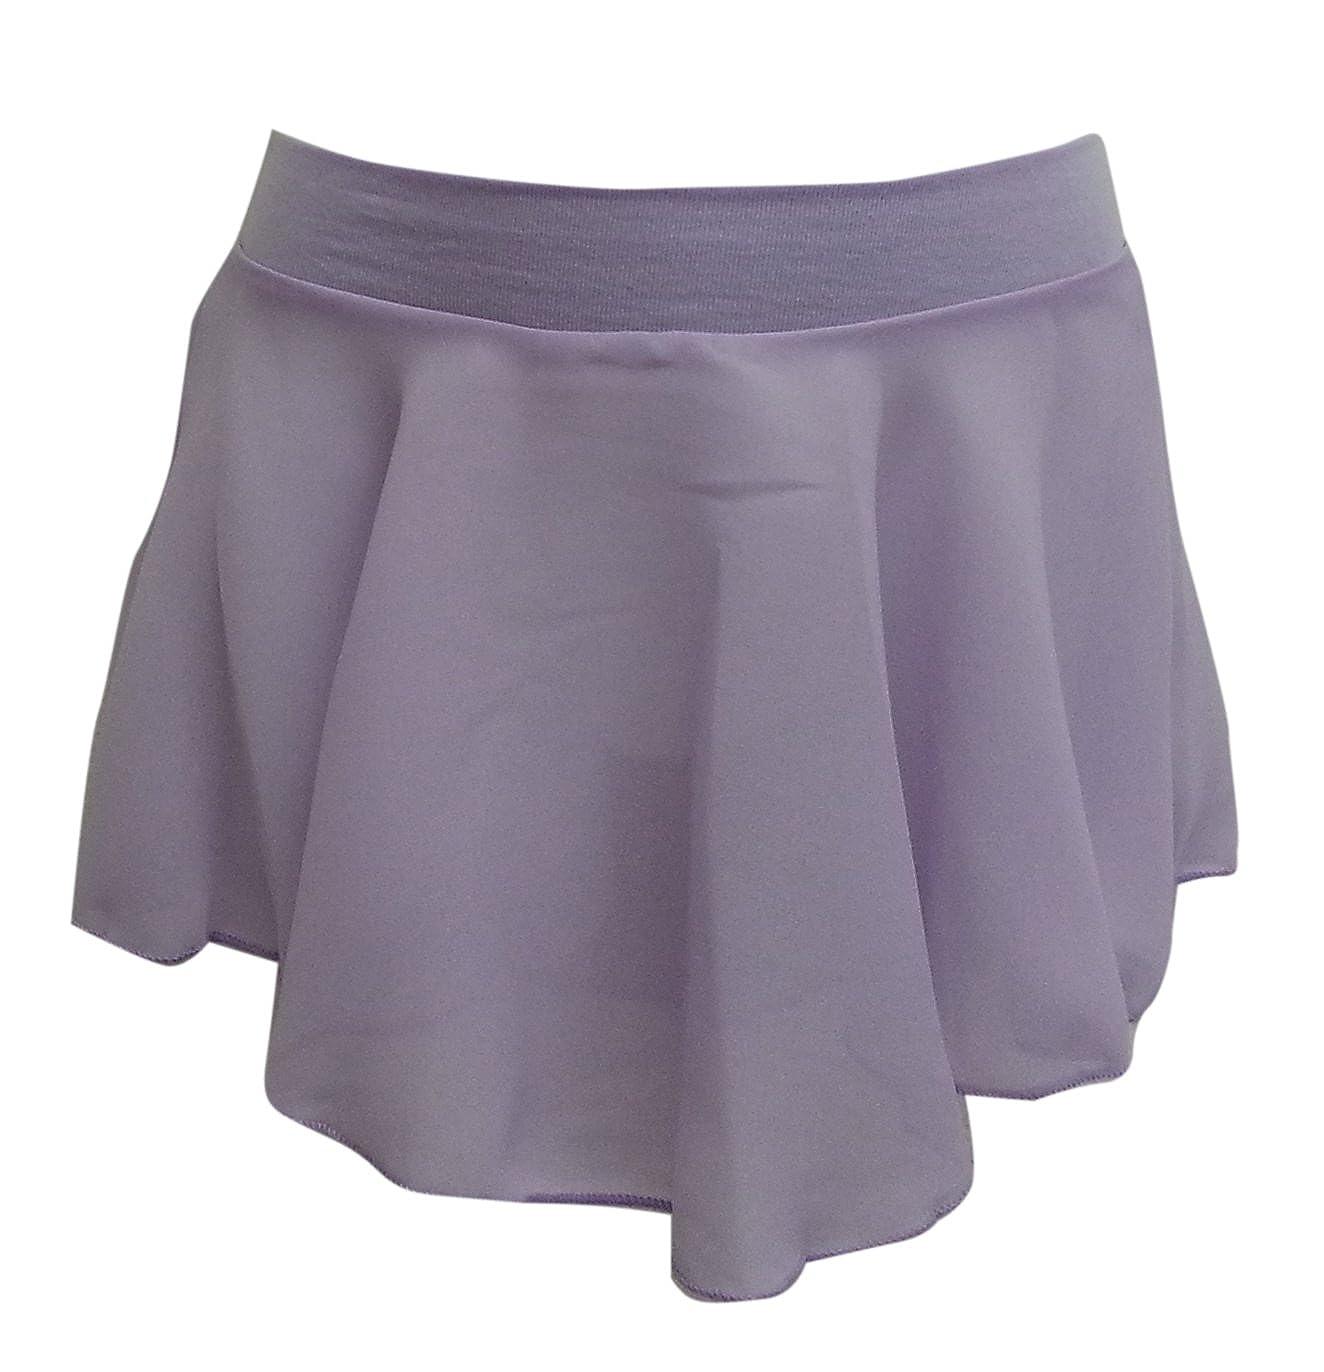 DanceNwear Basic MovesBig Girls Georgette Ballet Skirt Pull-on Skirt BM#2155-BK